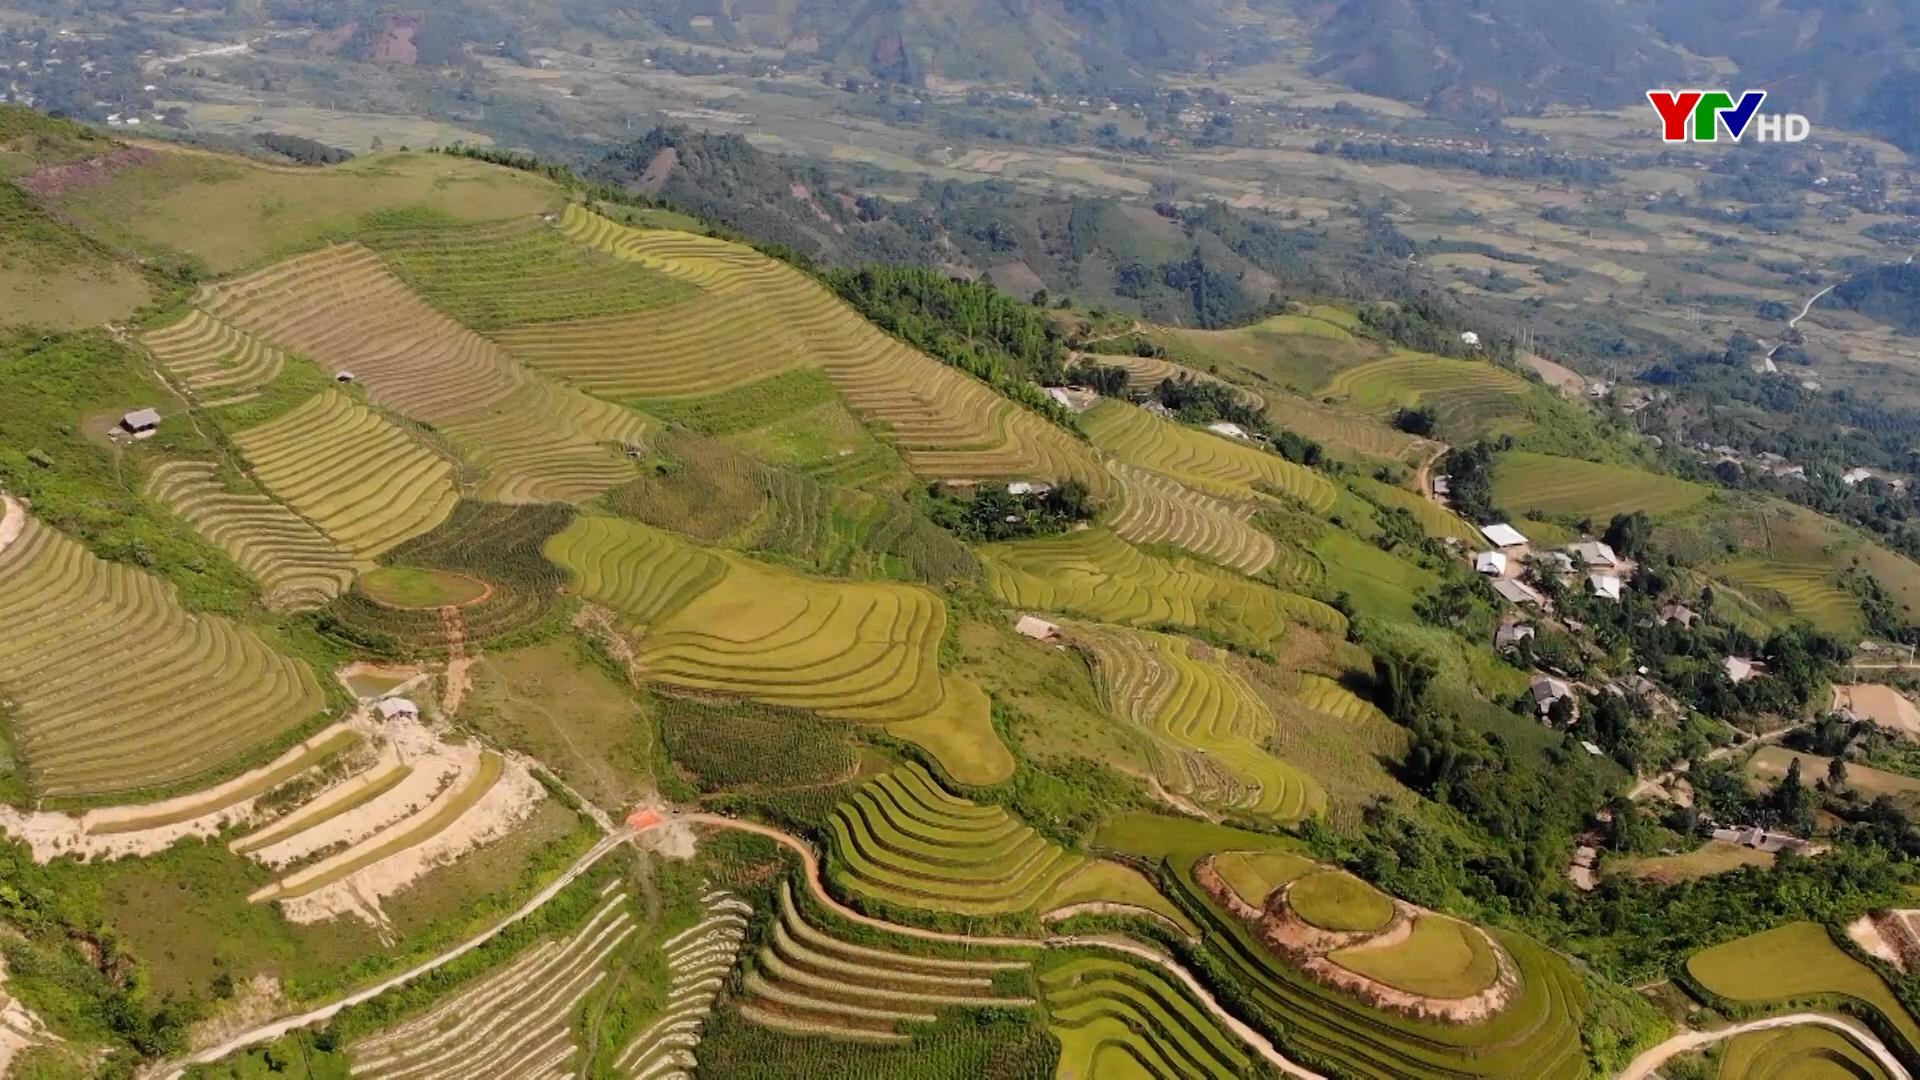 Mùa vàng ở Khe Táu, xã Phong Dụ Thượng, huyện Văn Yên